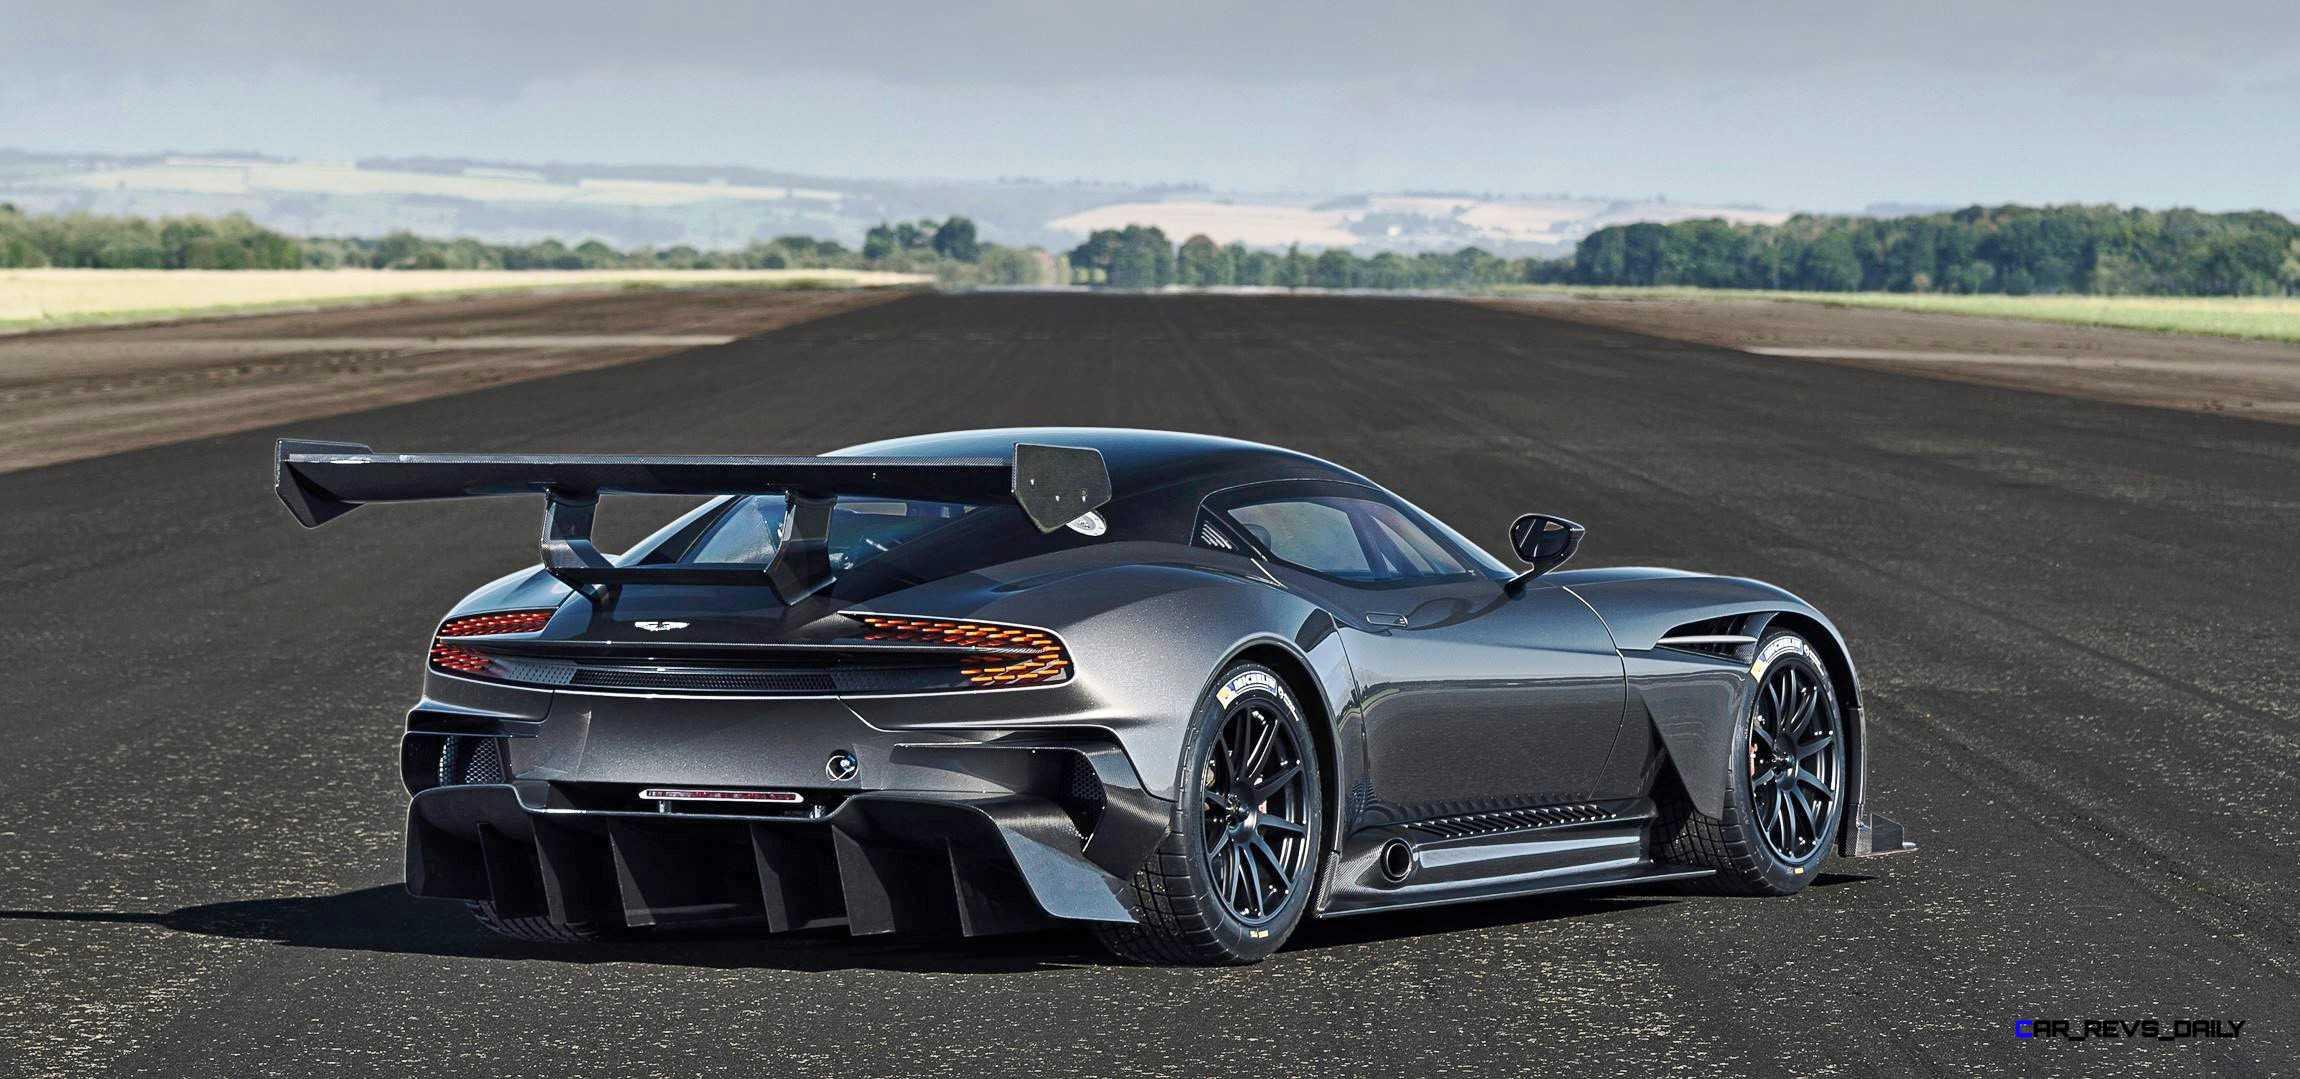 Garages Design 2016 Aston Martin Vulcan Meets Legendary Avro Vulcan Namesake